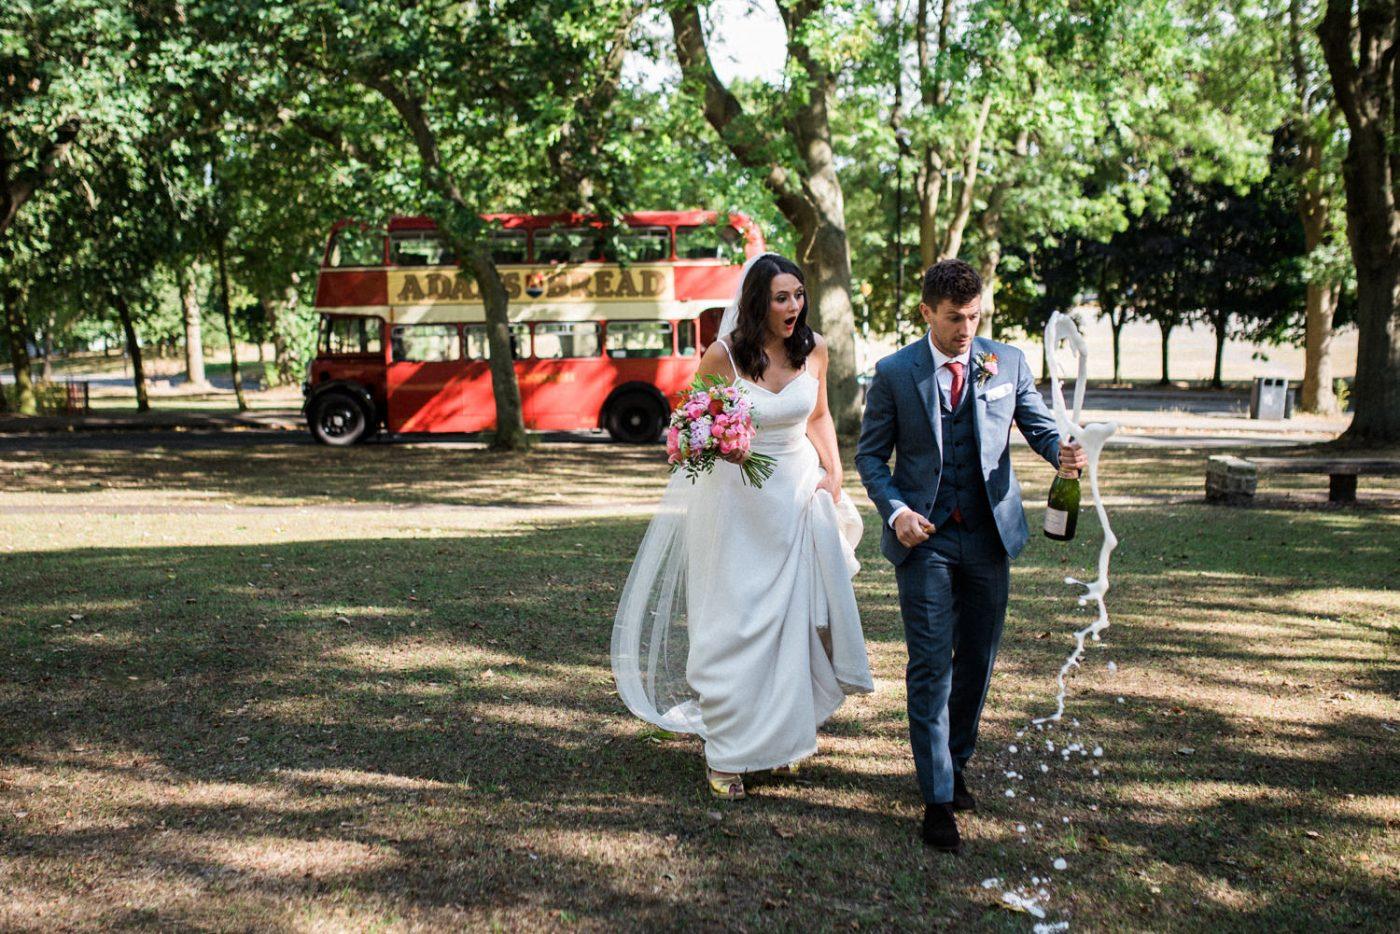 Wedding Photography by Lindsley Weddings